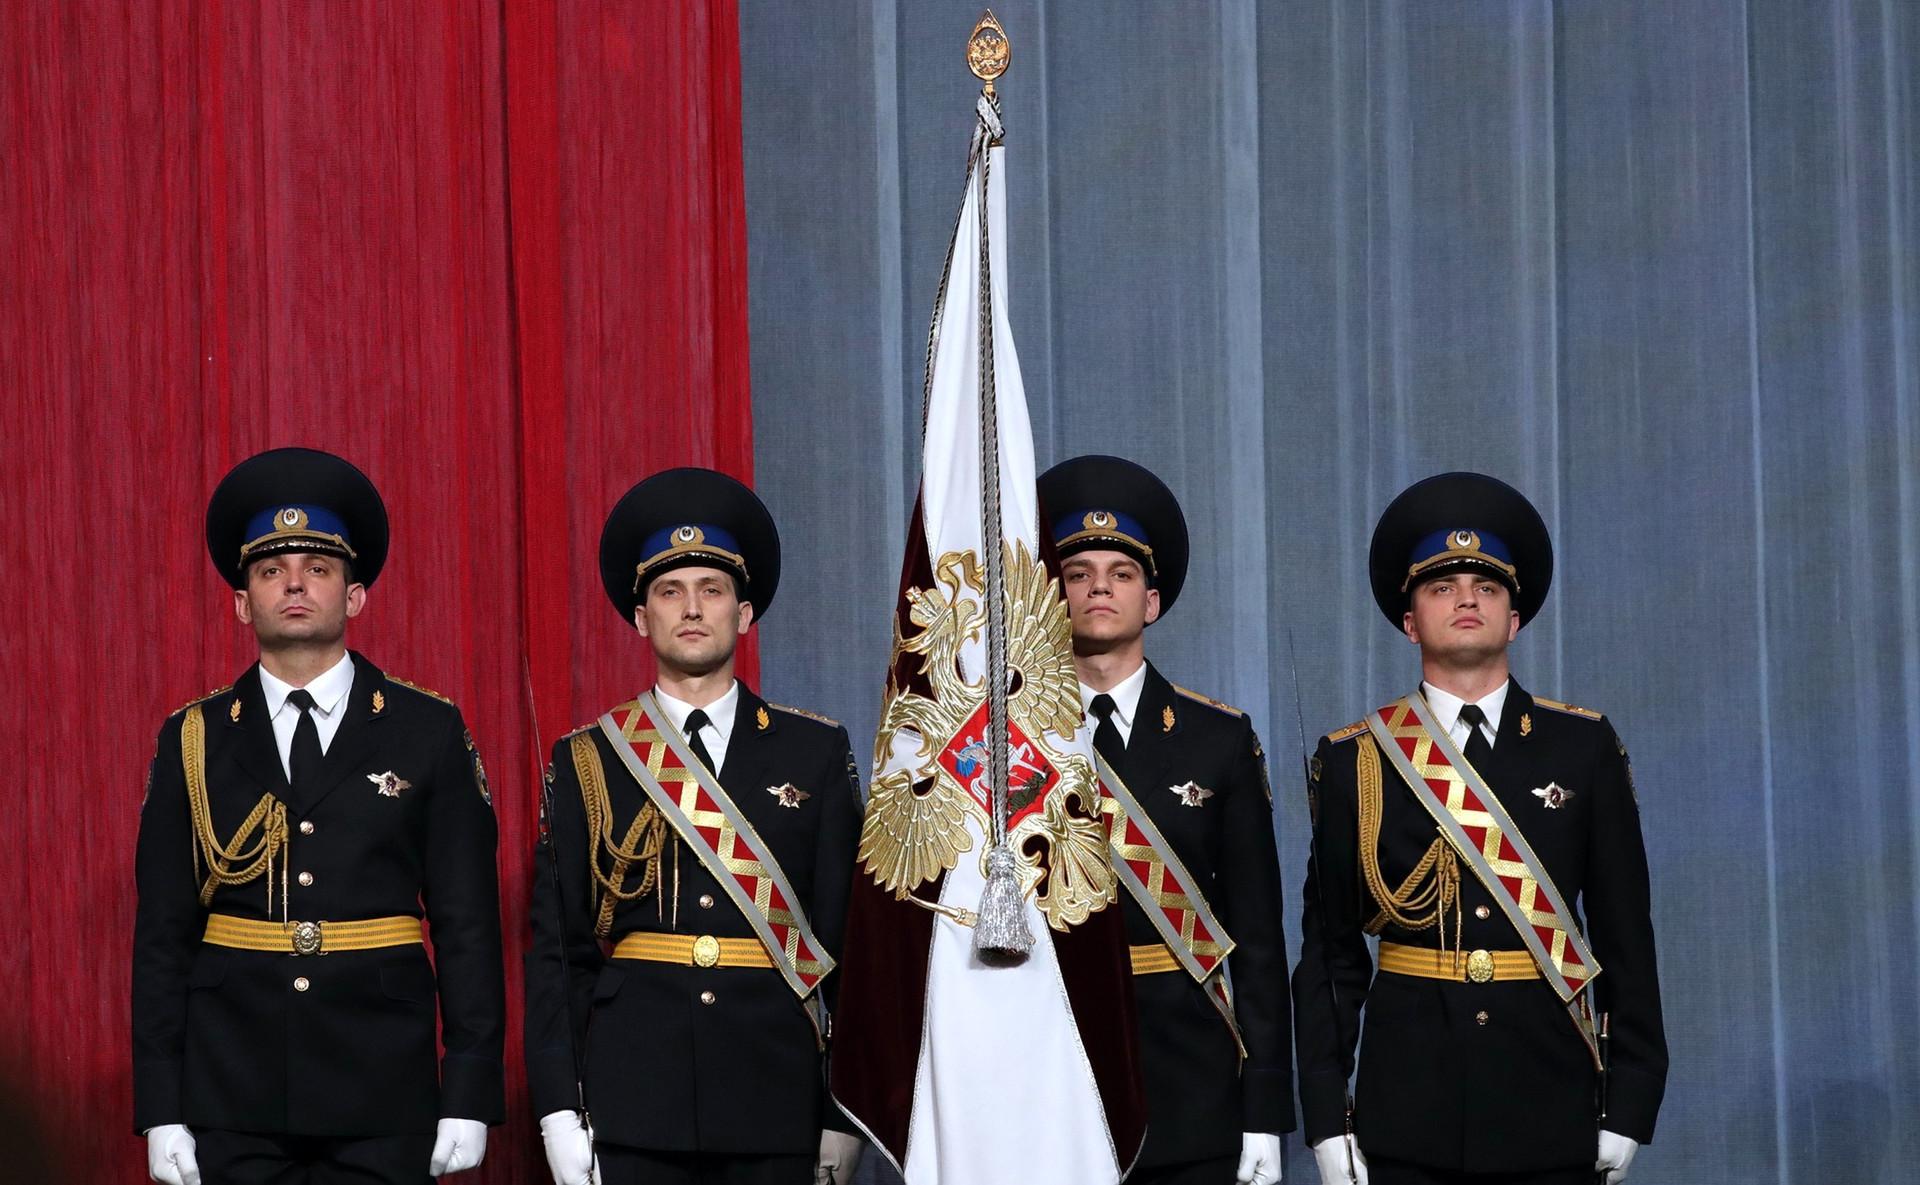 Pripadnici Rosgvardije (Ruske nacionalne garde) na prijemu u Kremlju, ožujak 2017.